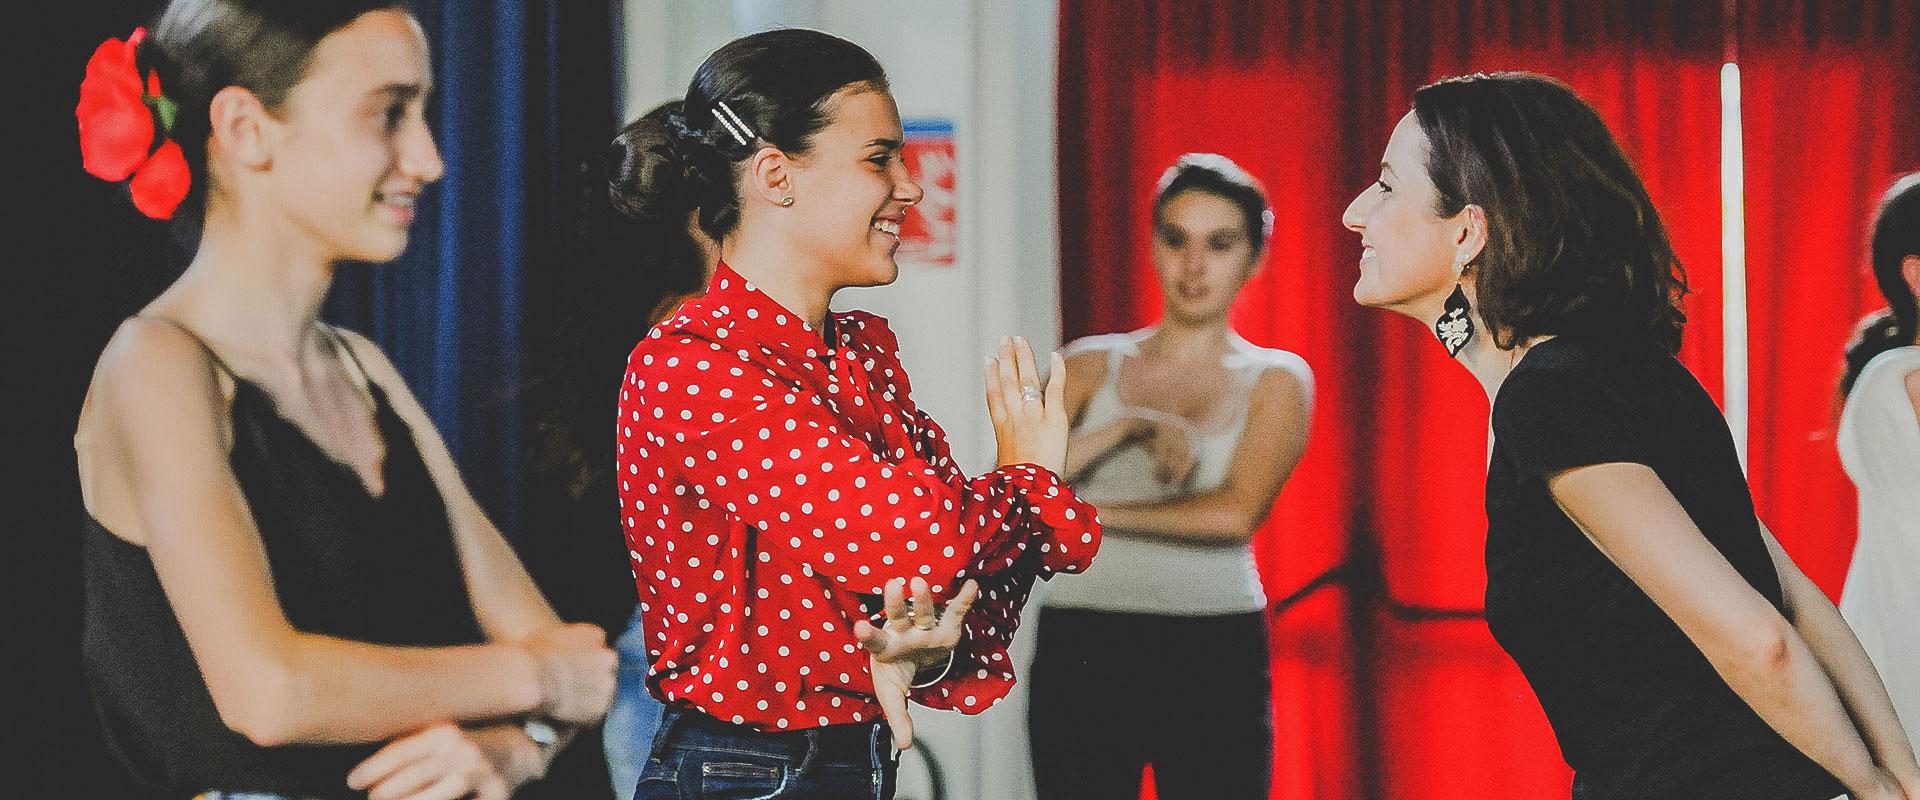 cours_ados_fabrica_flamenca_flamenco_toulouse